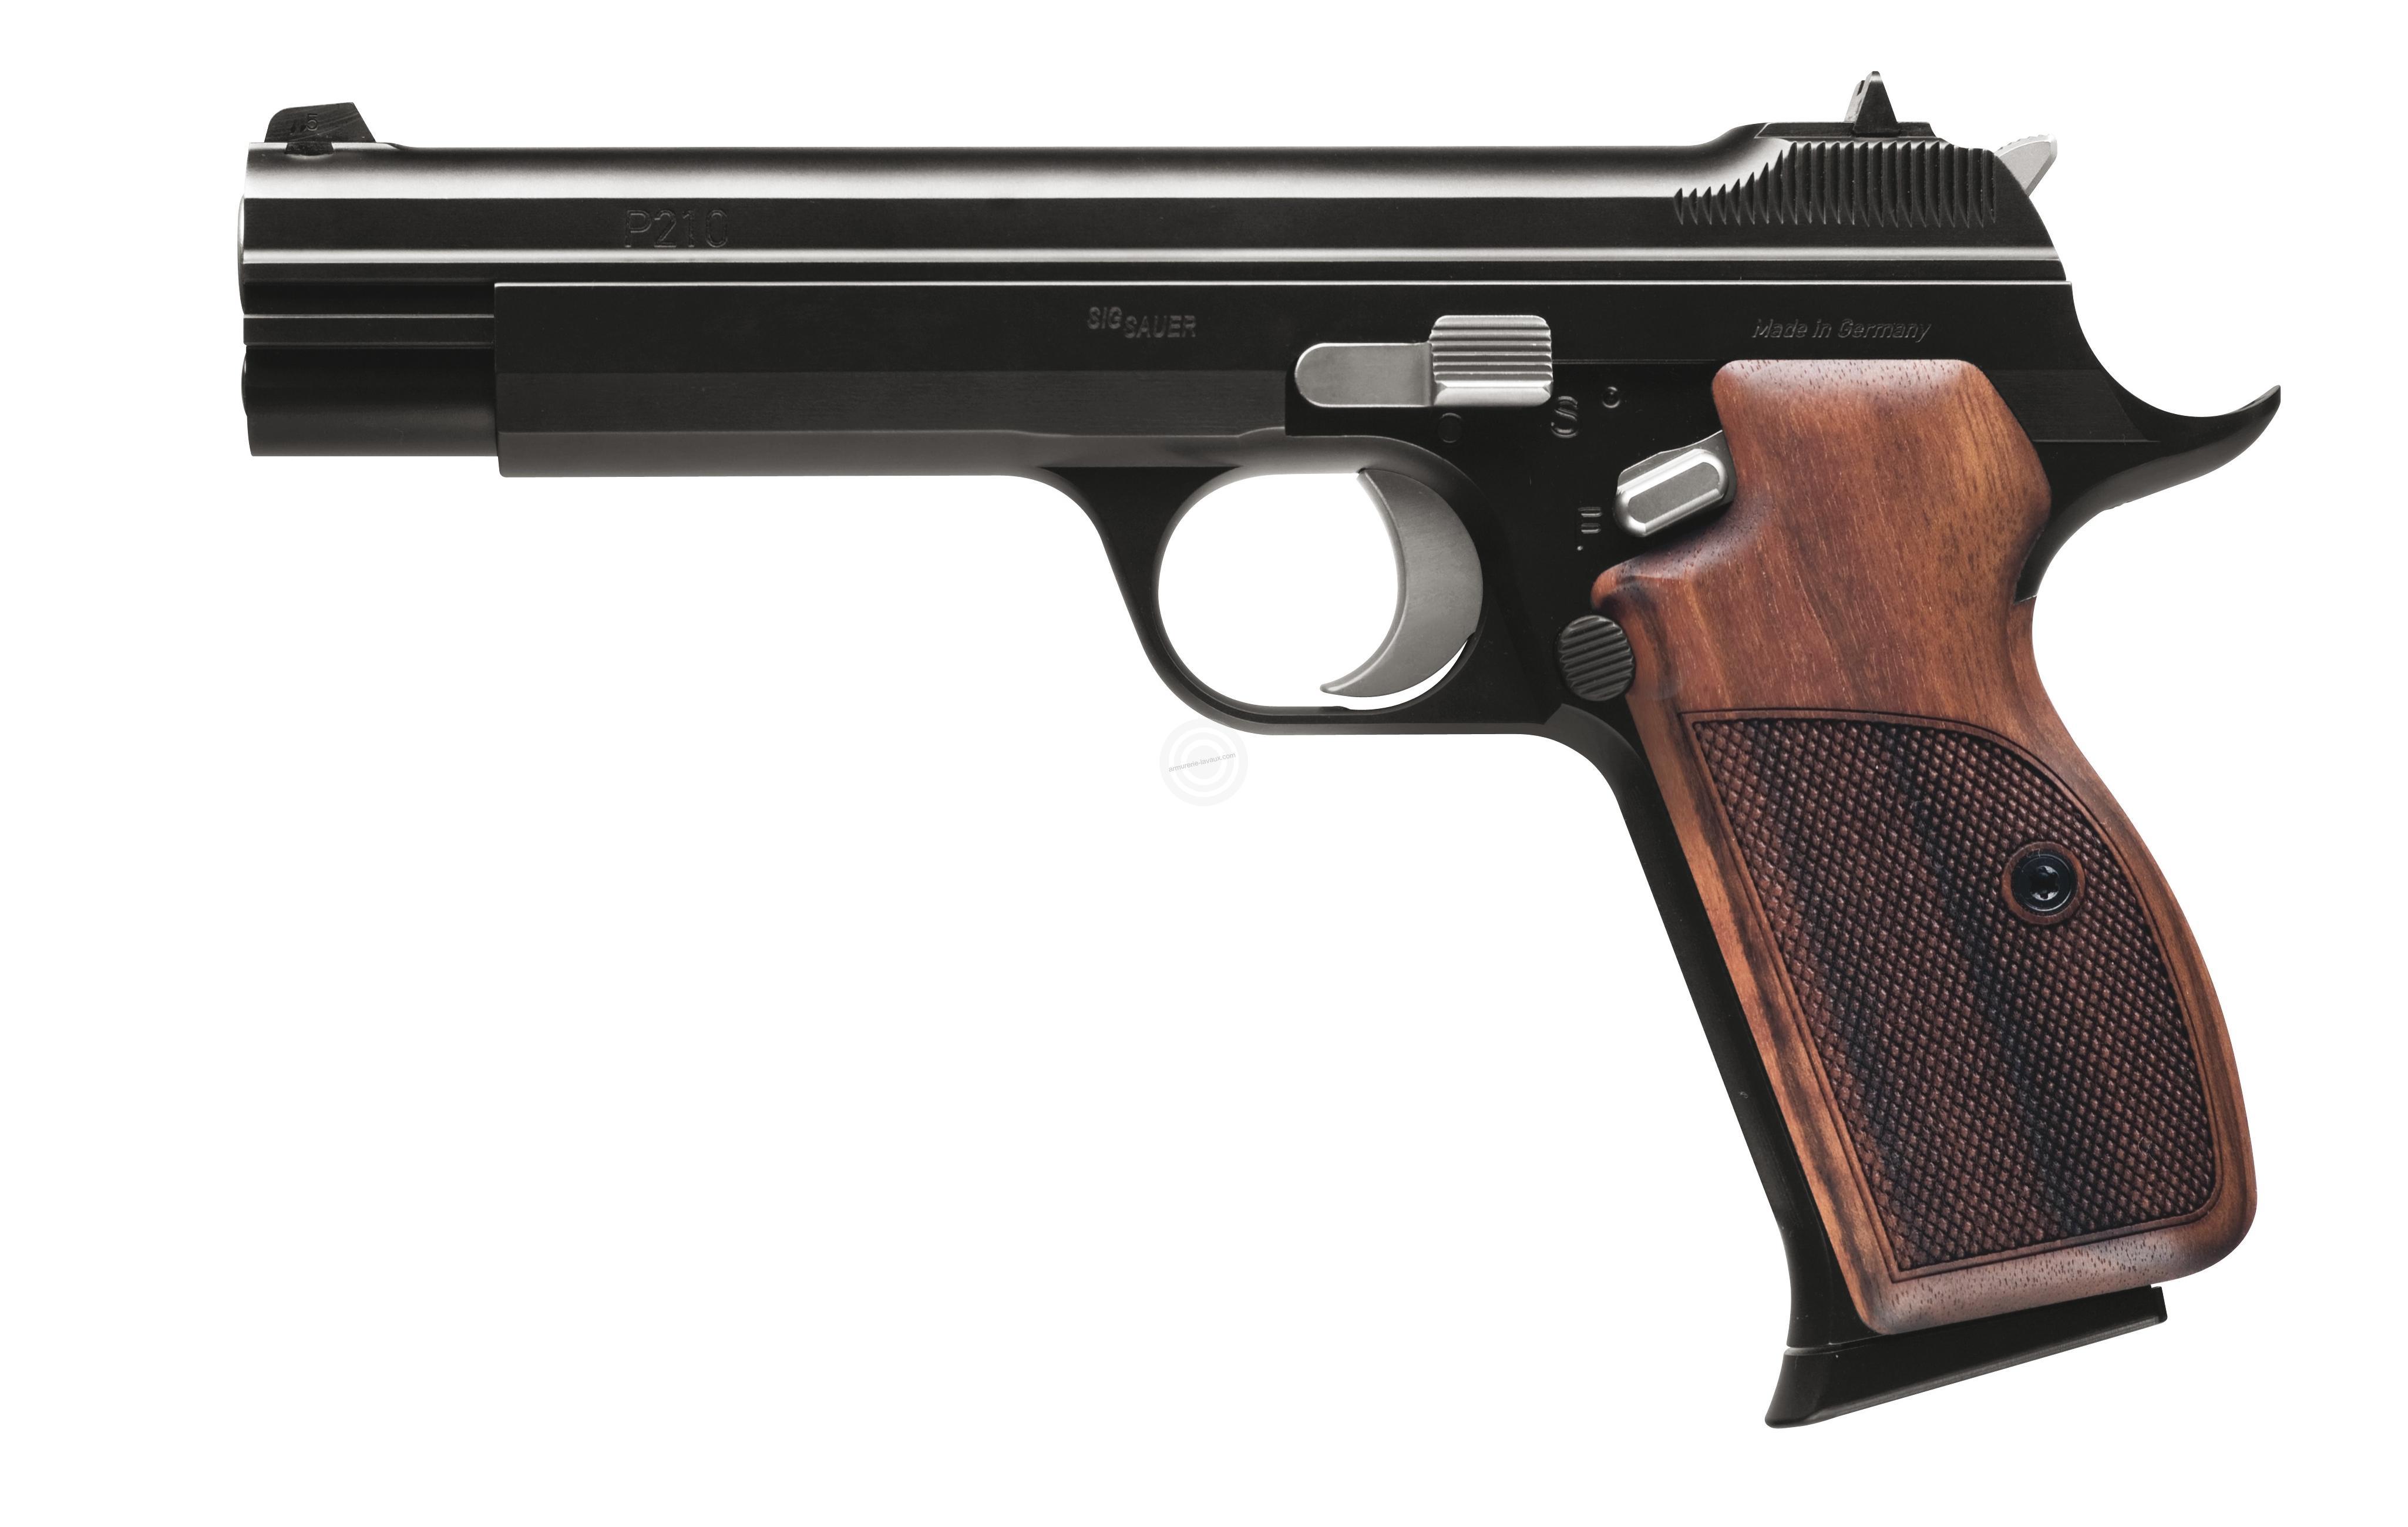 Pistolet SIG SAUER P210 Legend cal.9x19